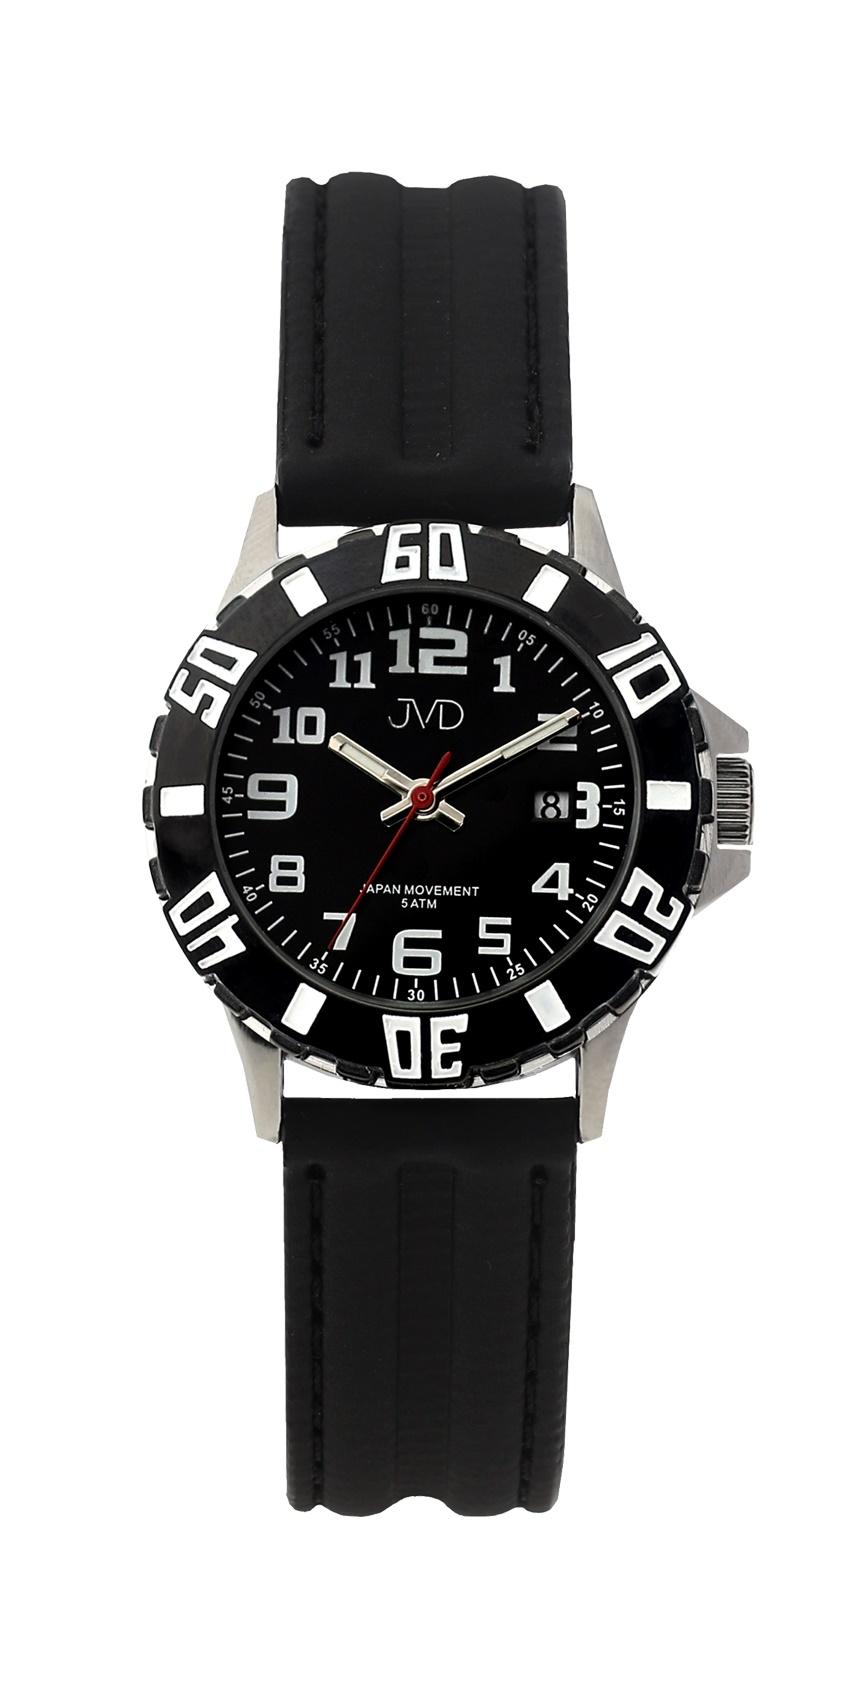 Černé chlapecké vodoodolné dětské náramkové hodinky JVD J7176.1